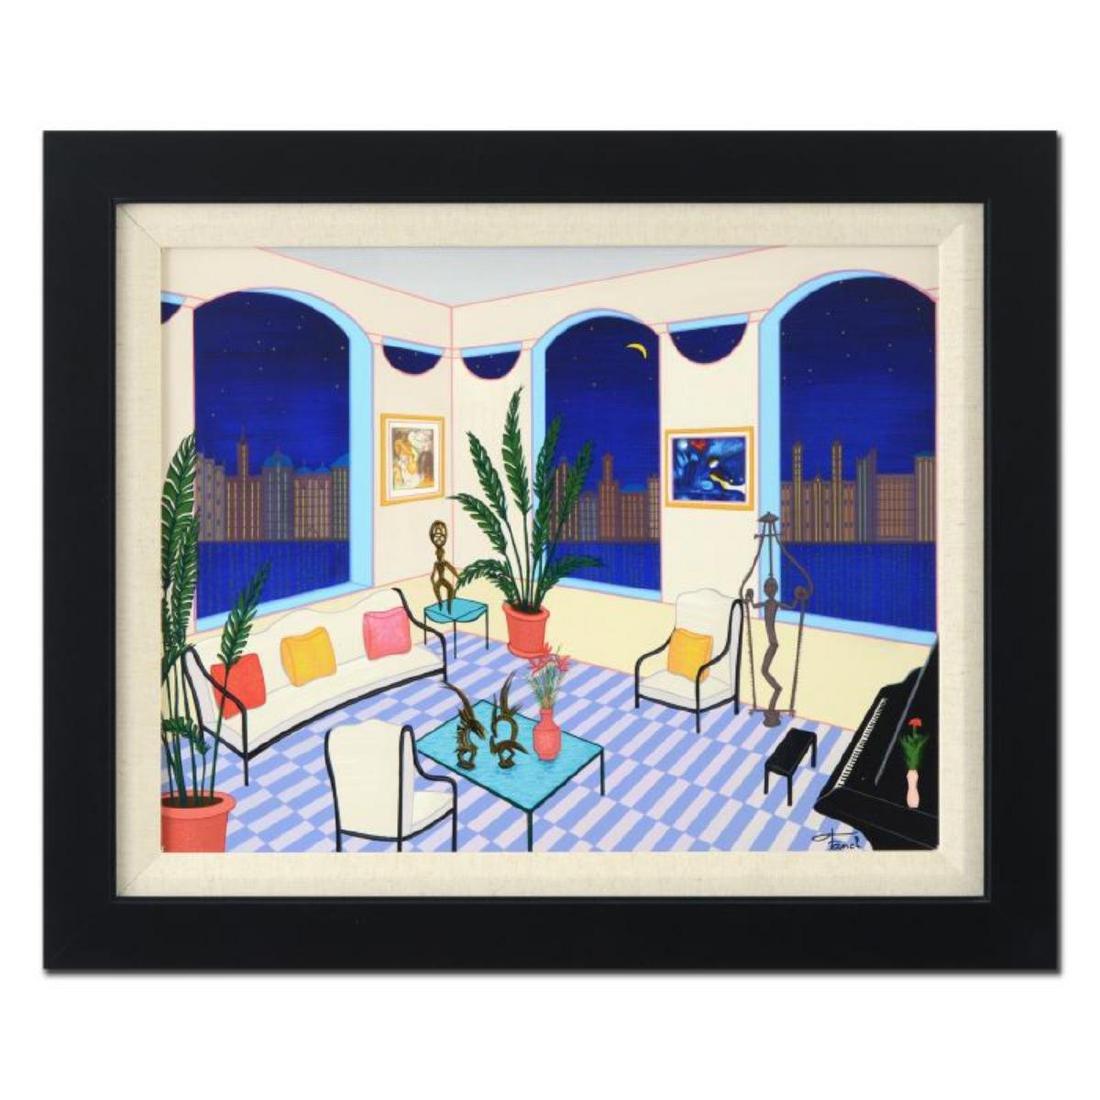 """Fanch Ledan - """"Interior with Primitive Art"""" Framed"""